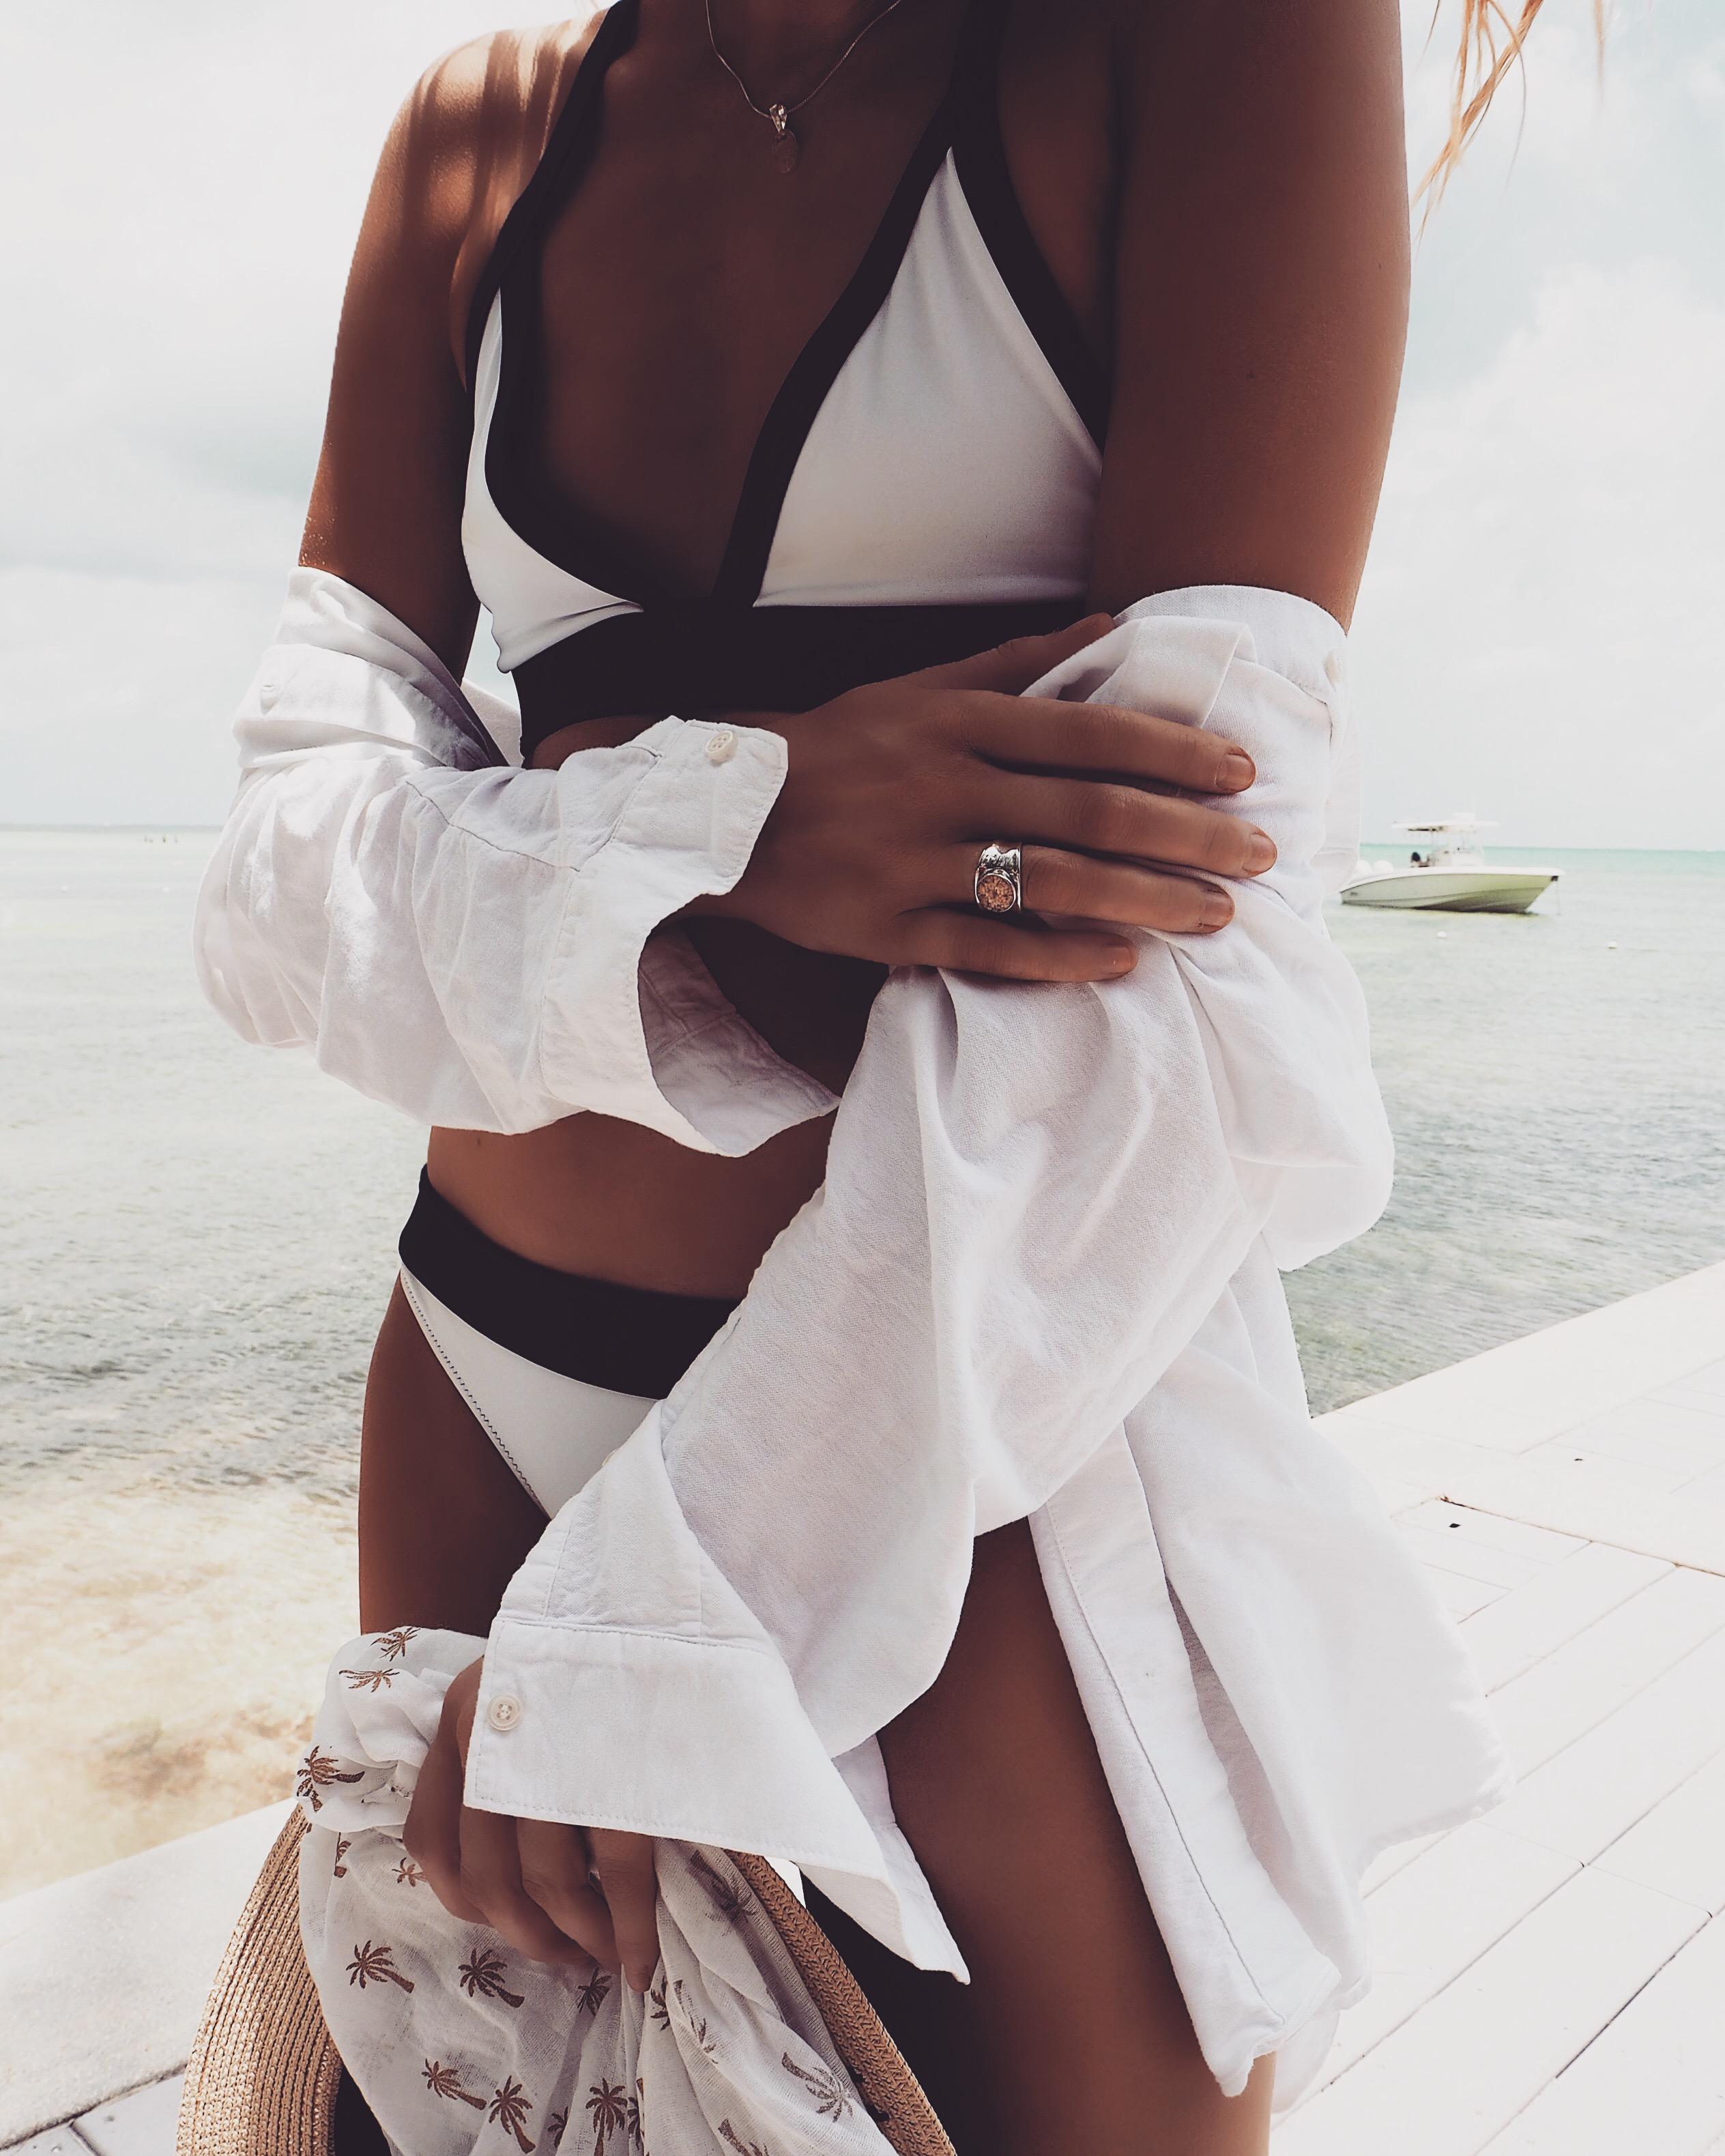 Heidi Klein - White Beach Outfit - Dune Jewellery